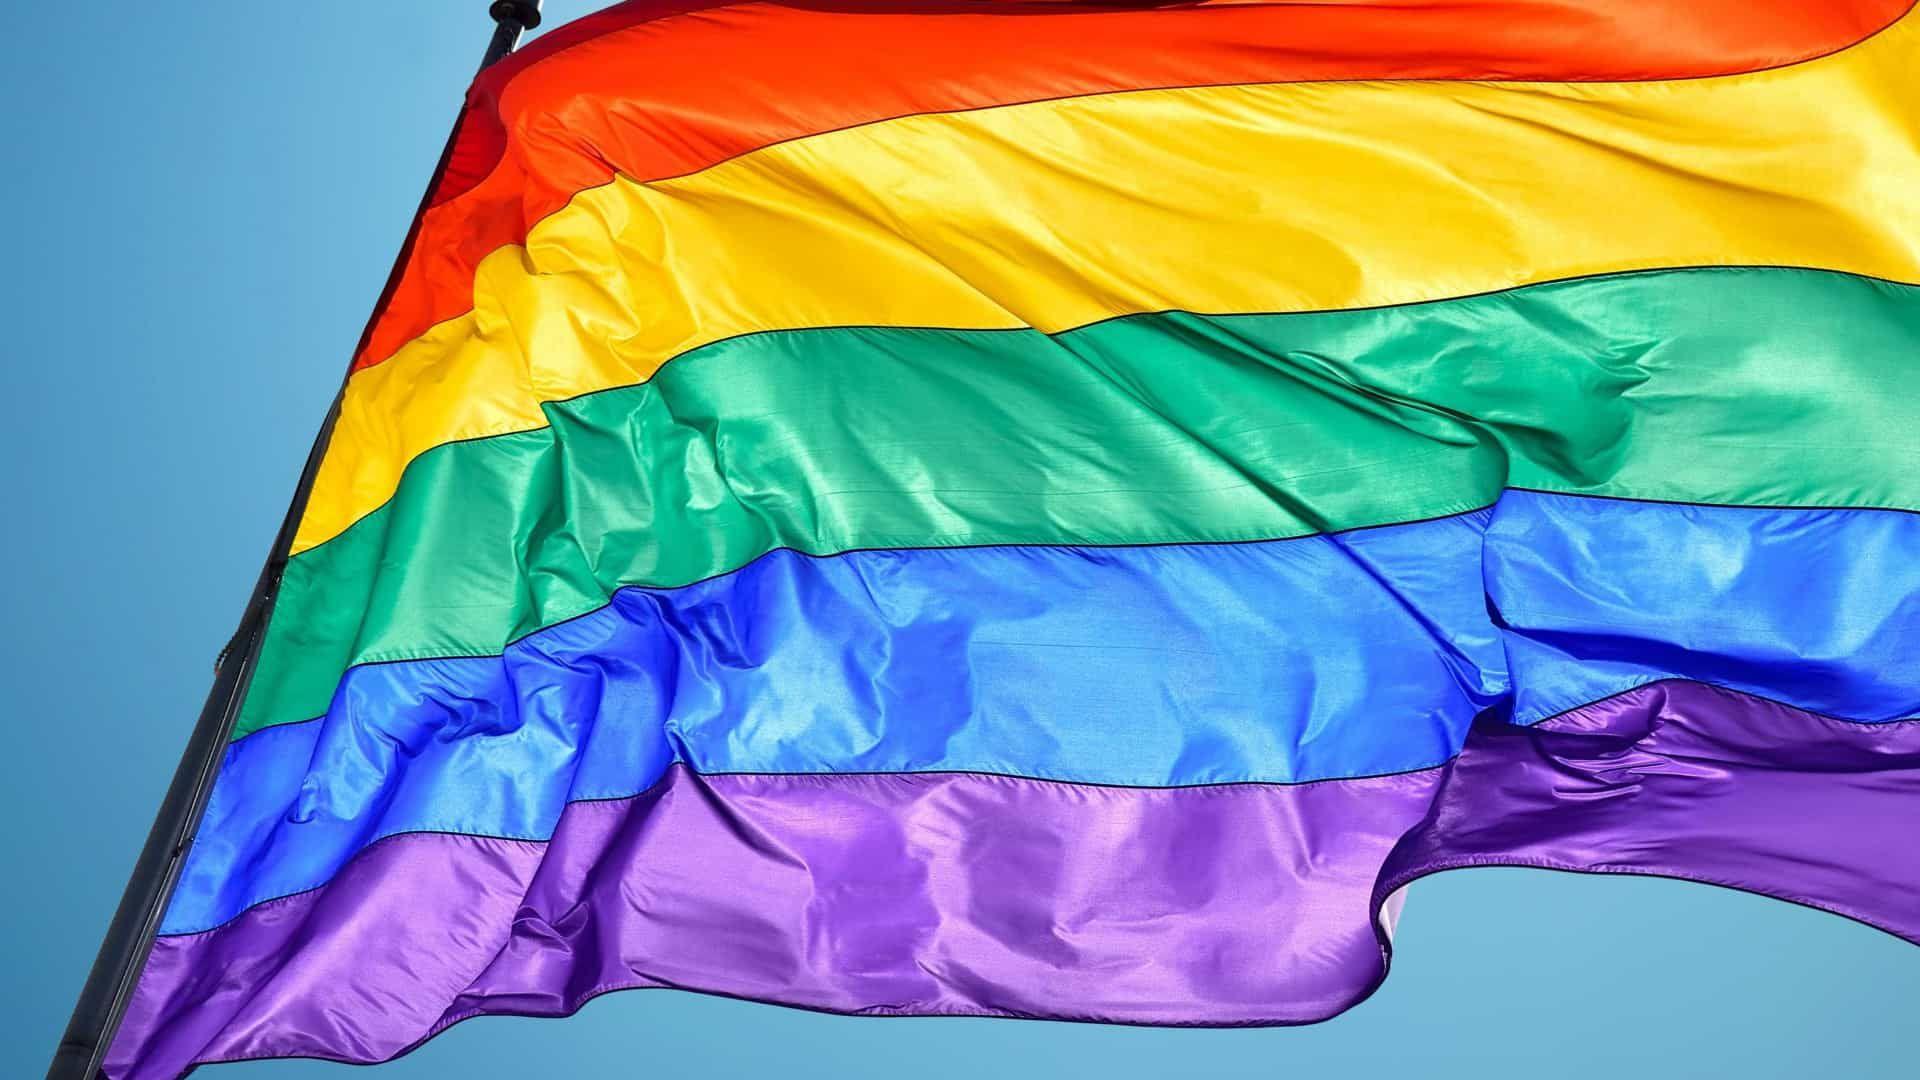 bandeira que representa o movimento LGBTQIA